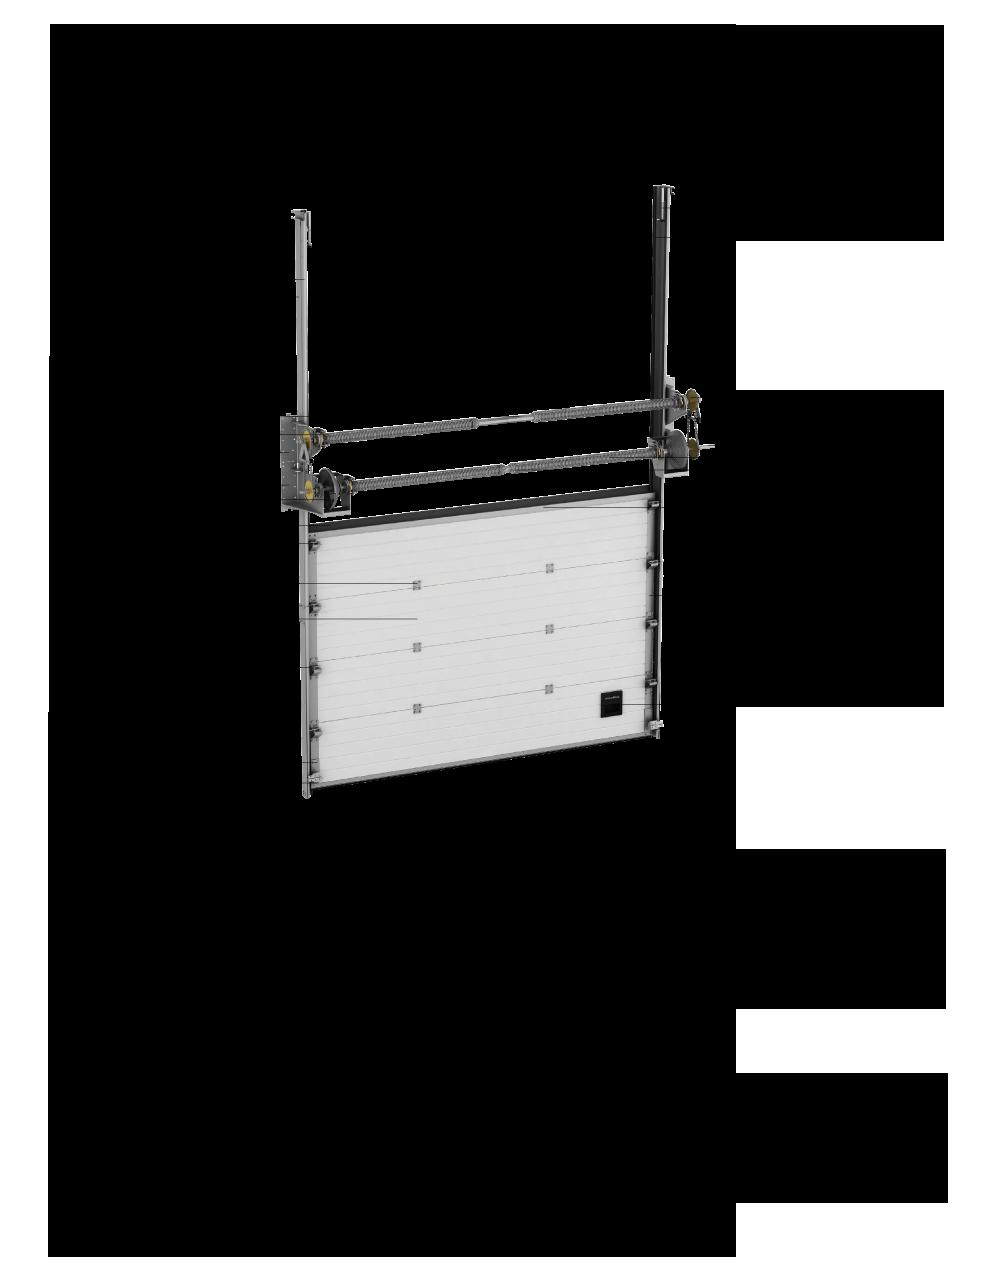 конструкция промышленных секционных ворот